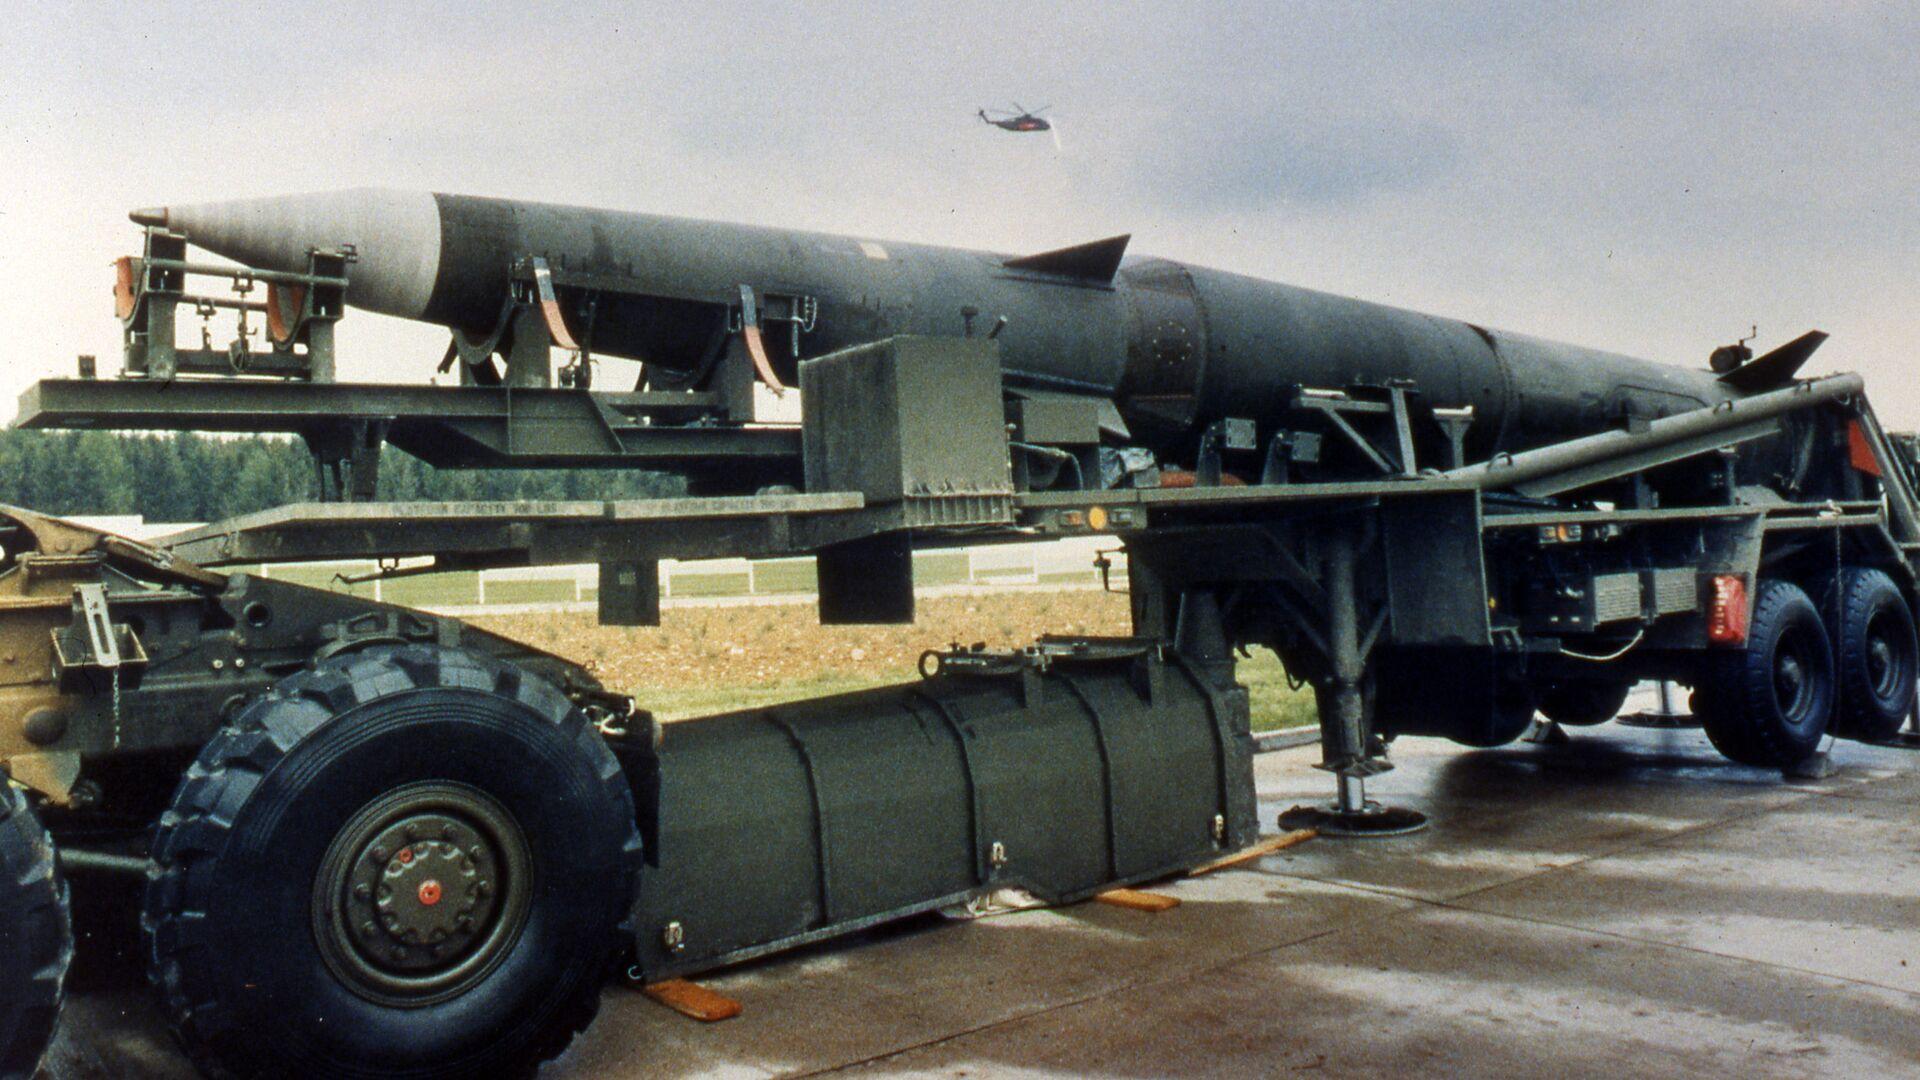 Американская баллистическая ракета средней дальности Першинг-2 - РИА Новости, 1920, 26.08.2020